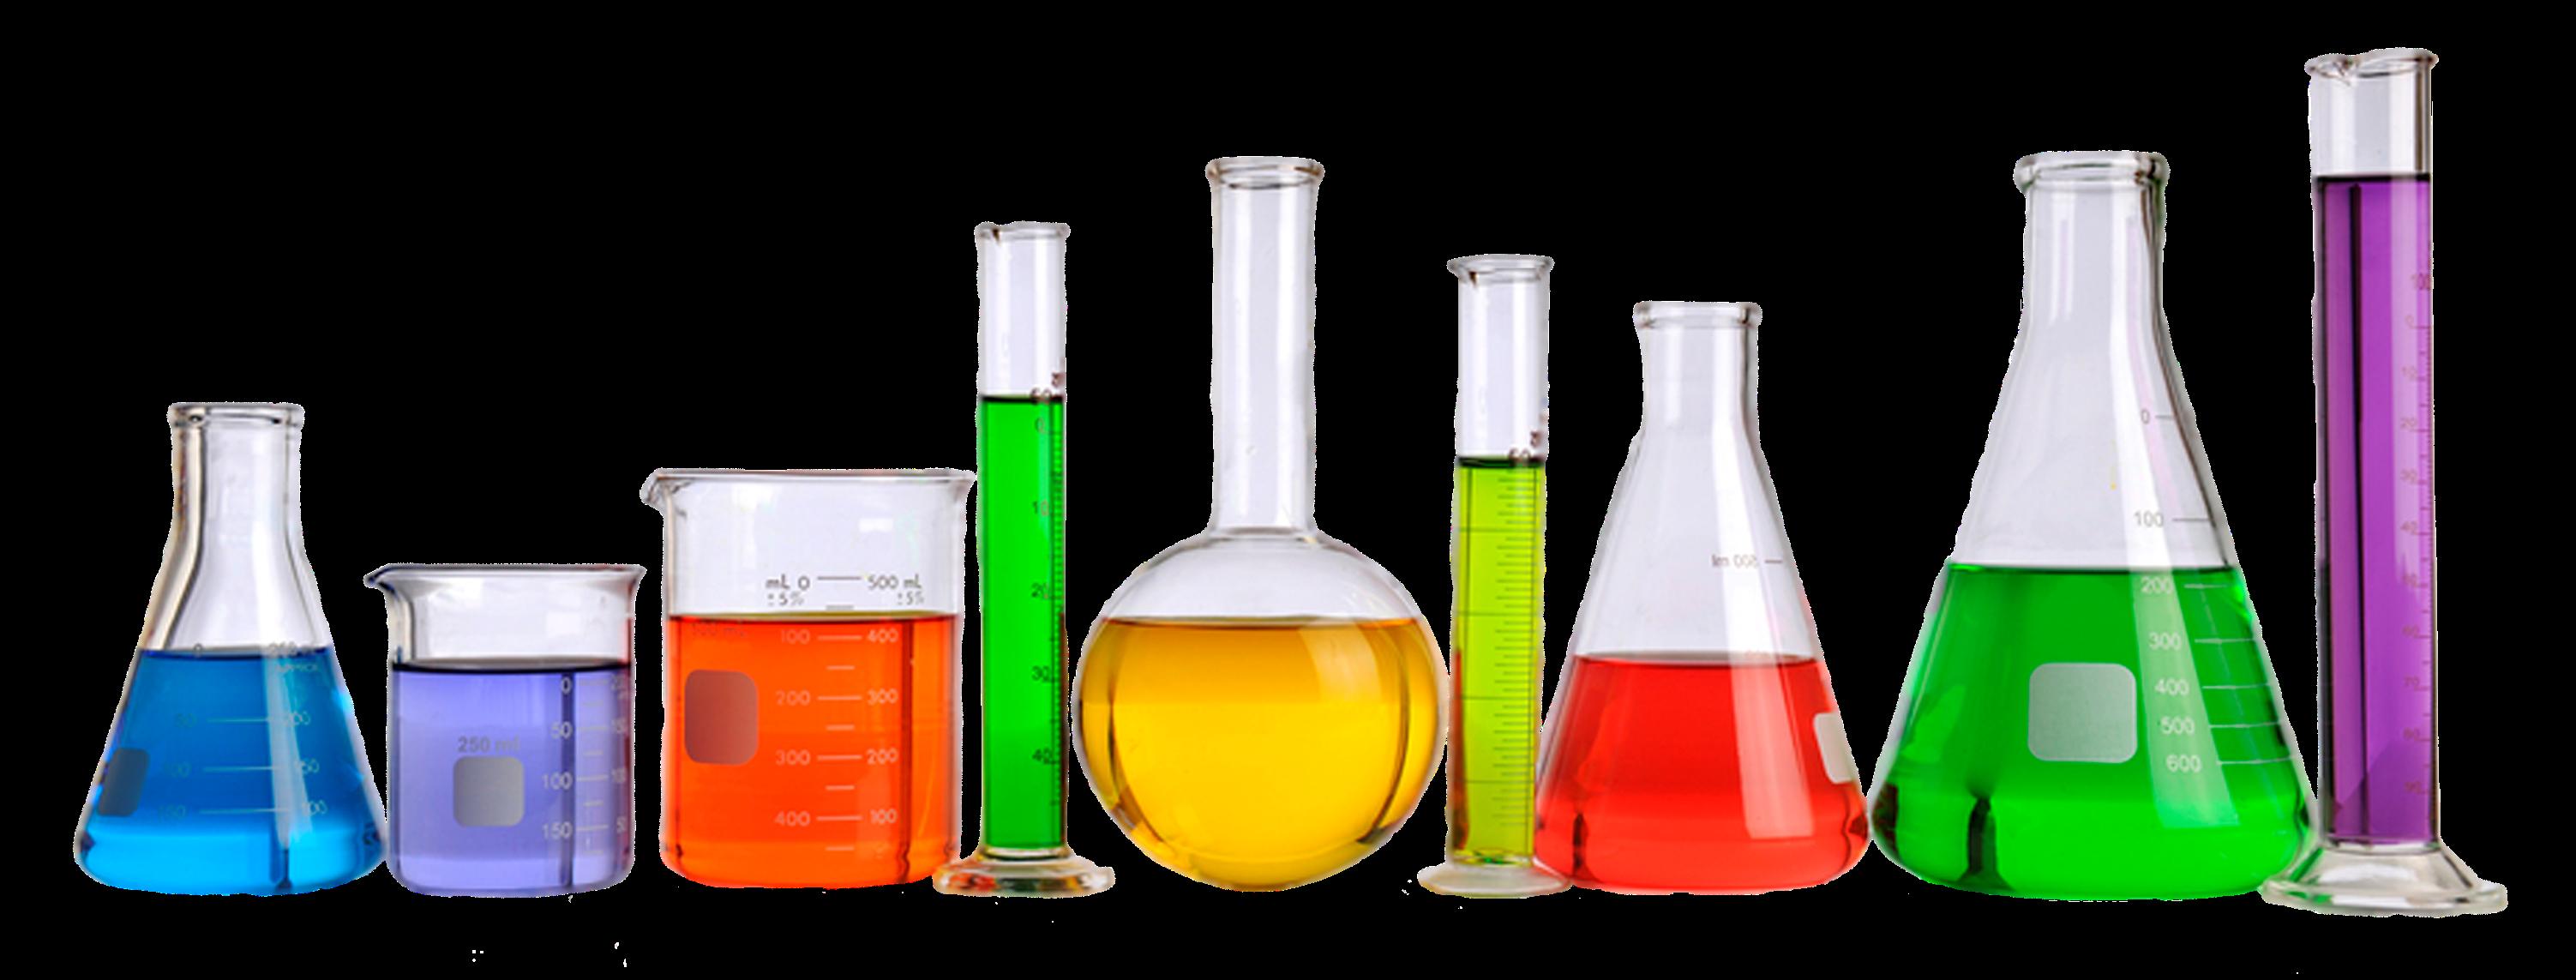 Untitled Document Www2 Chemistry Msu Edu